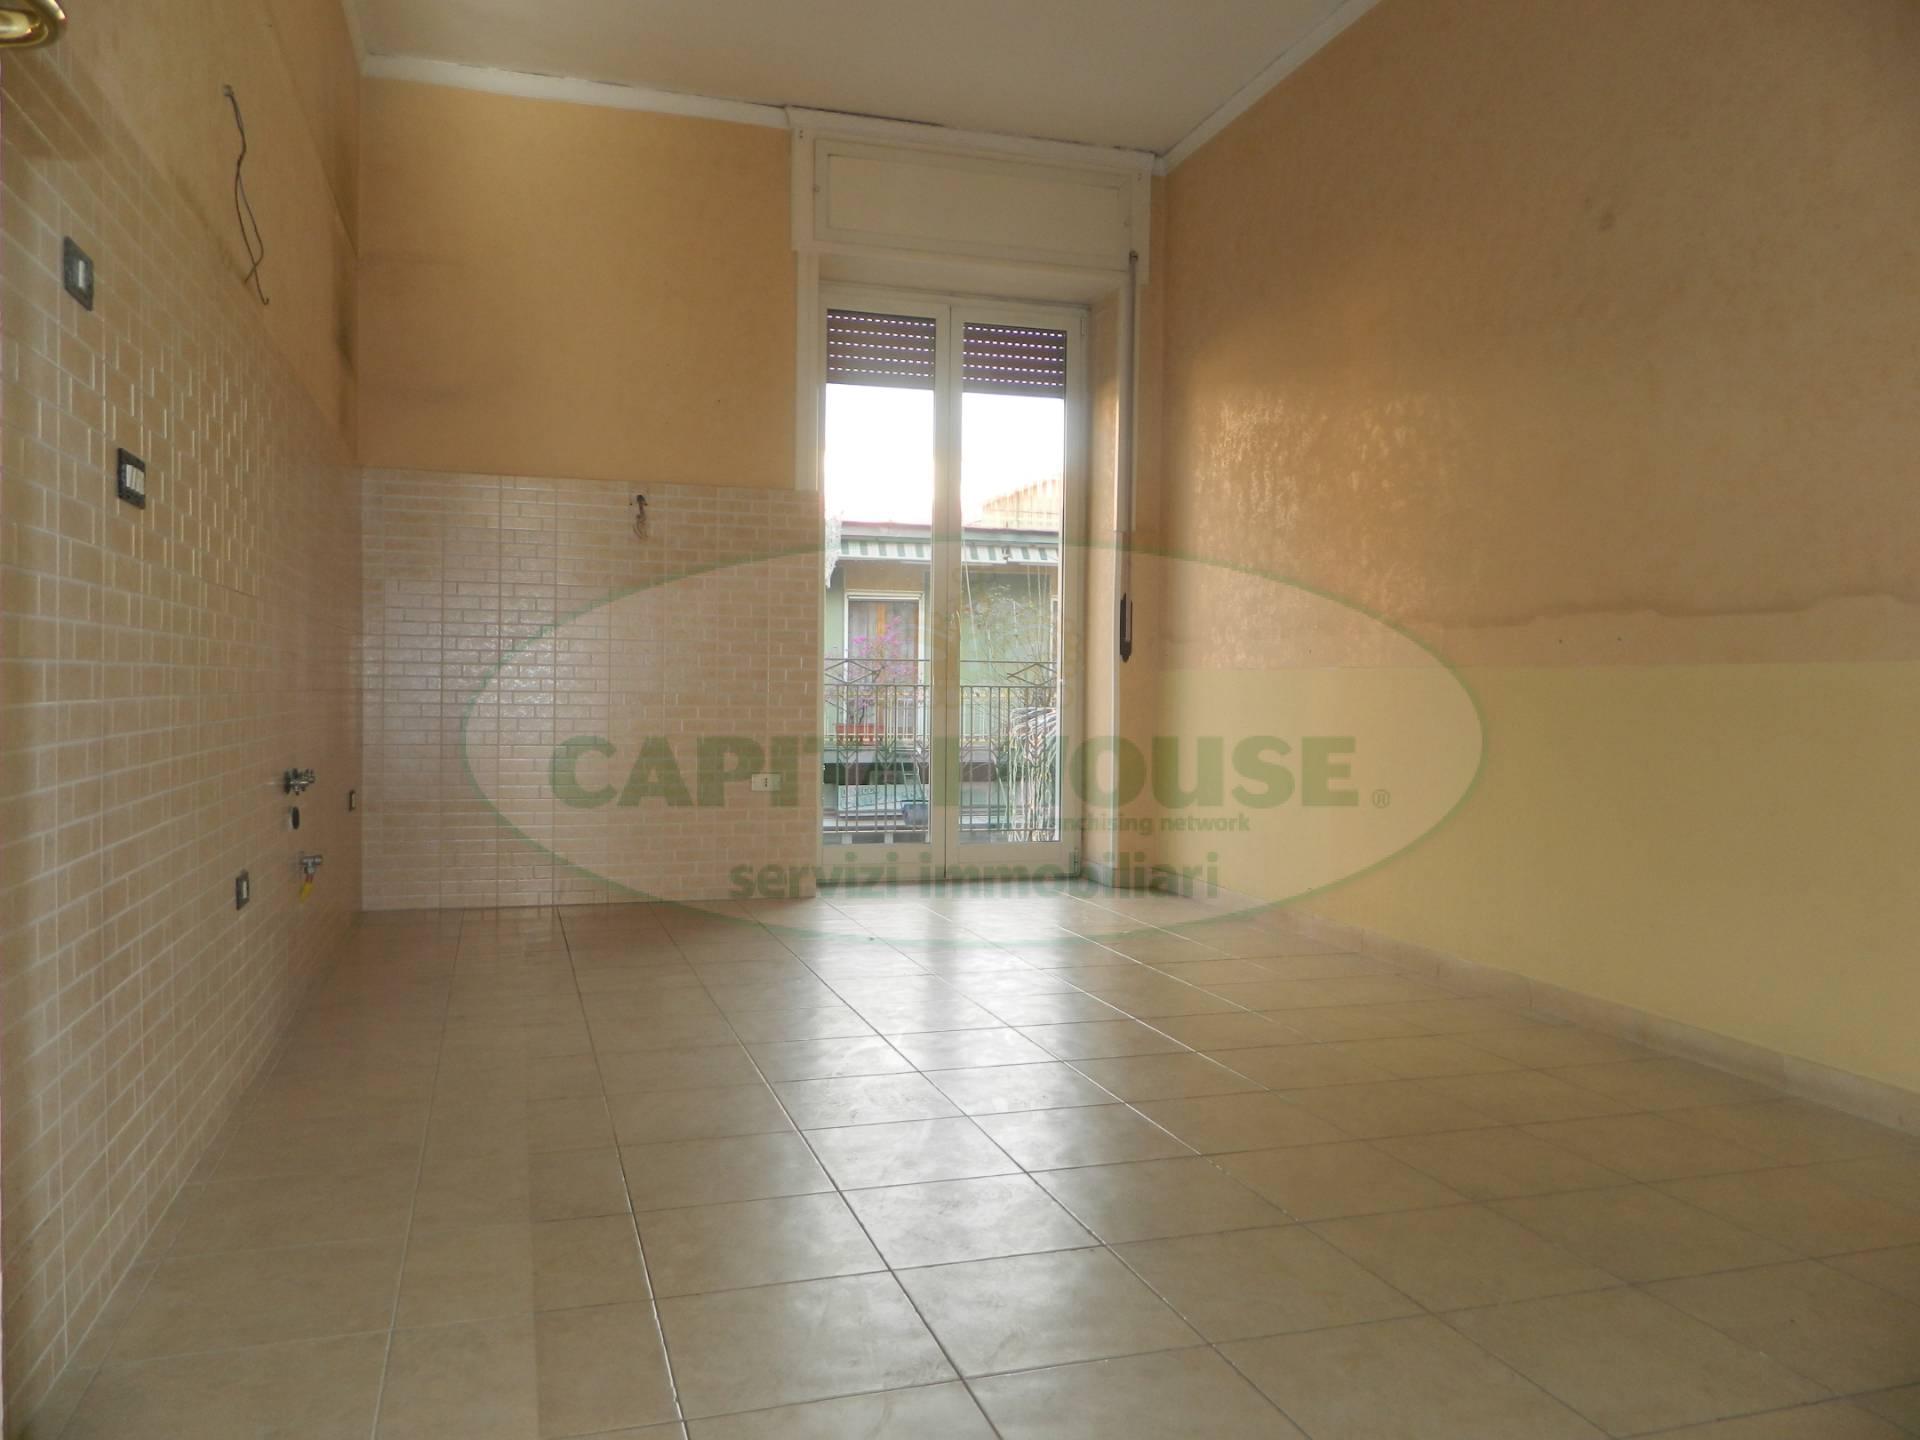 Appartamento in vendita a Afragola, 3 locali, zona Località: ViaDeGasperi, prezzo € 140.000 | CambioCasa.it